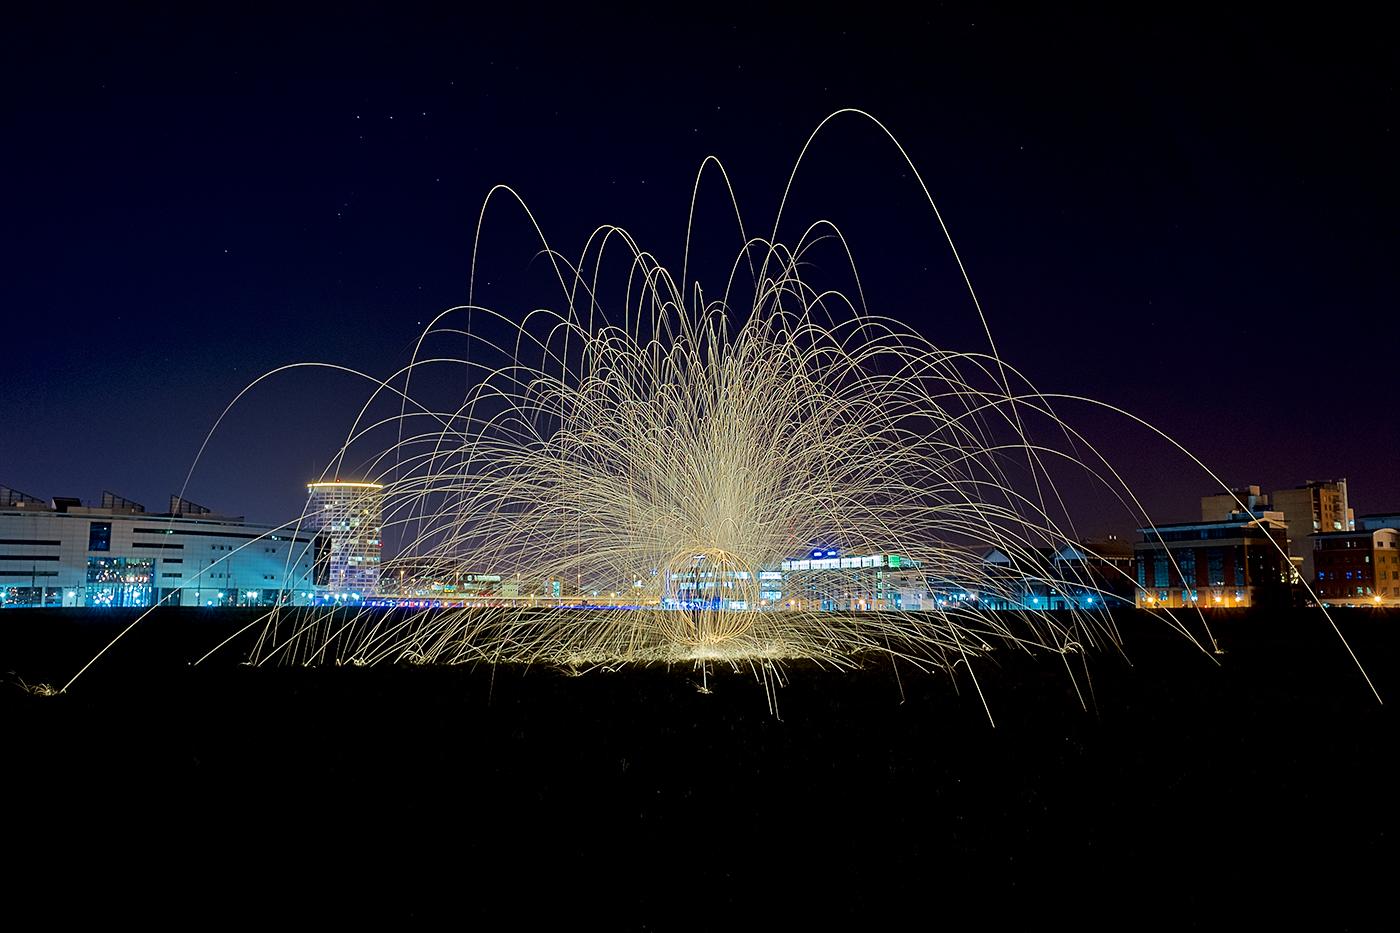 Mar 2016 - Belfast at Night